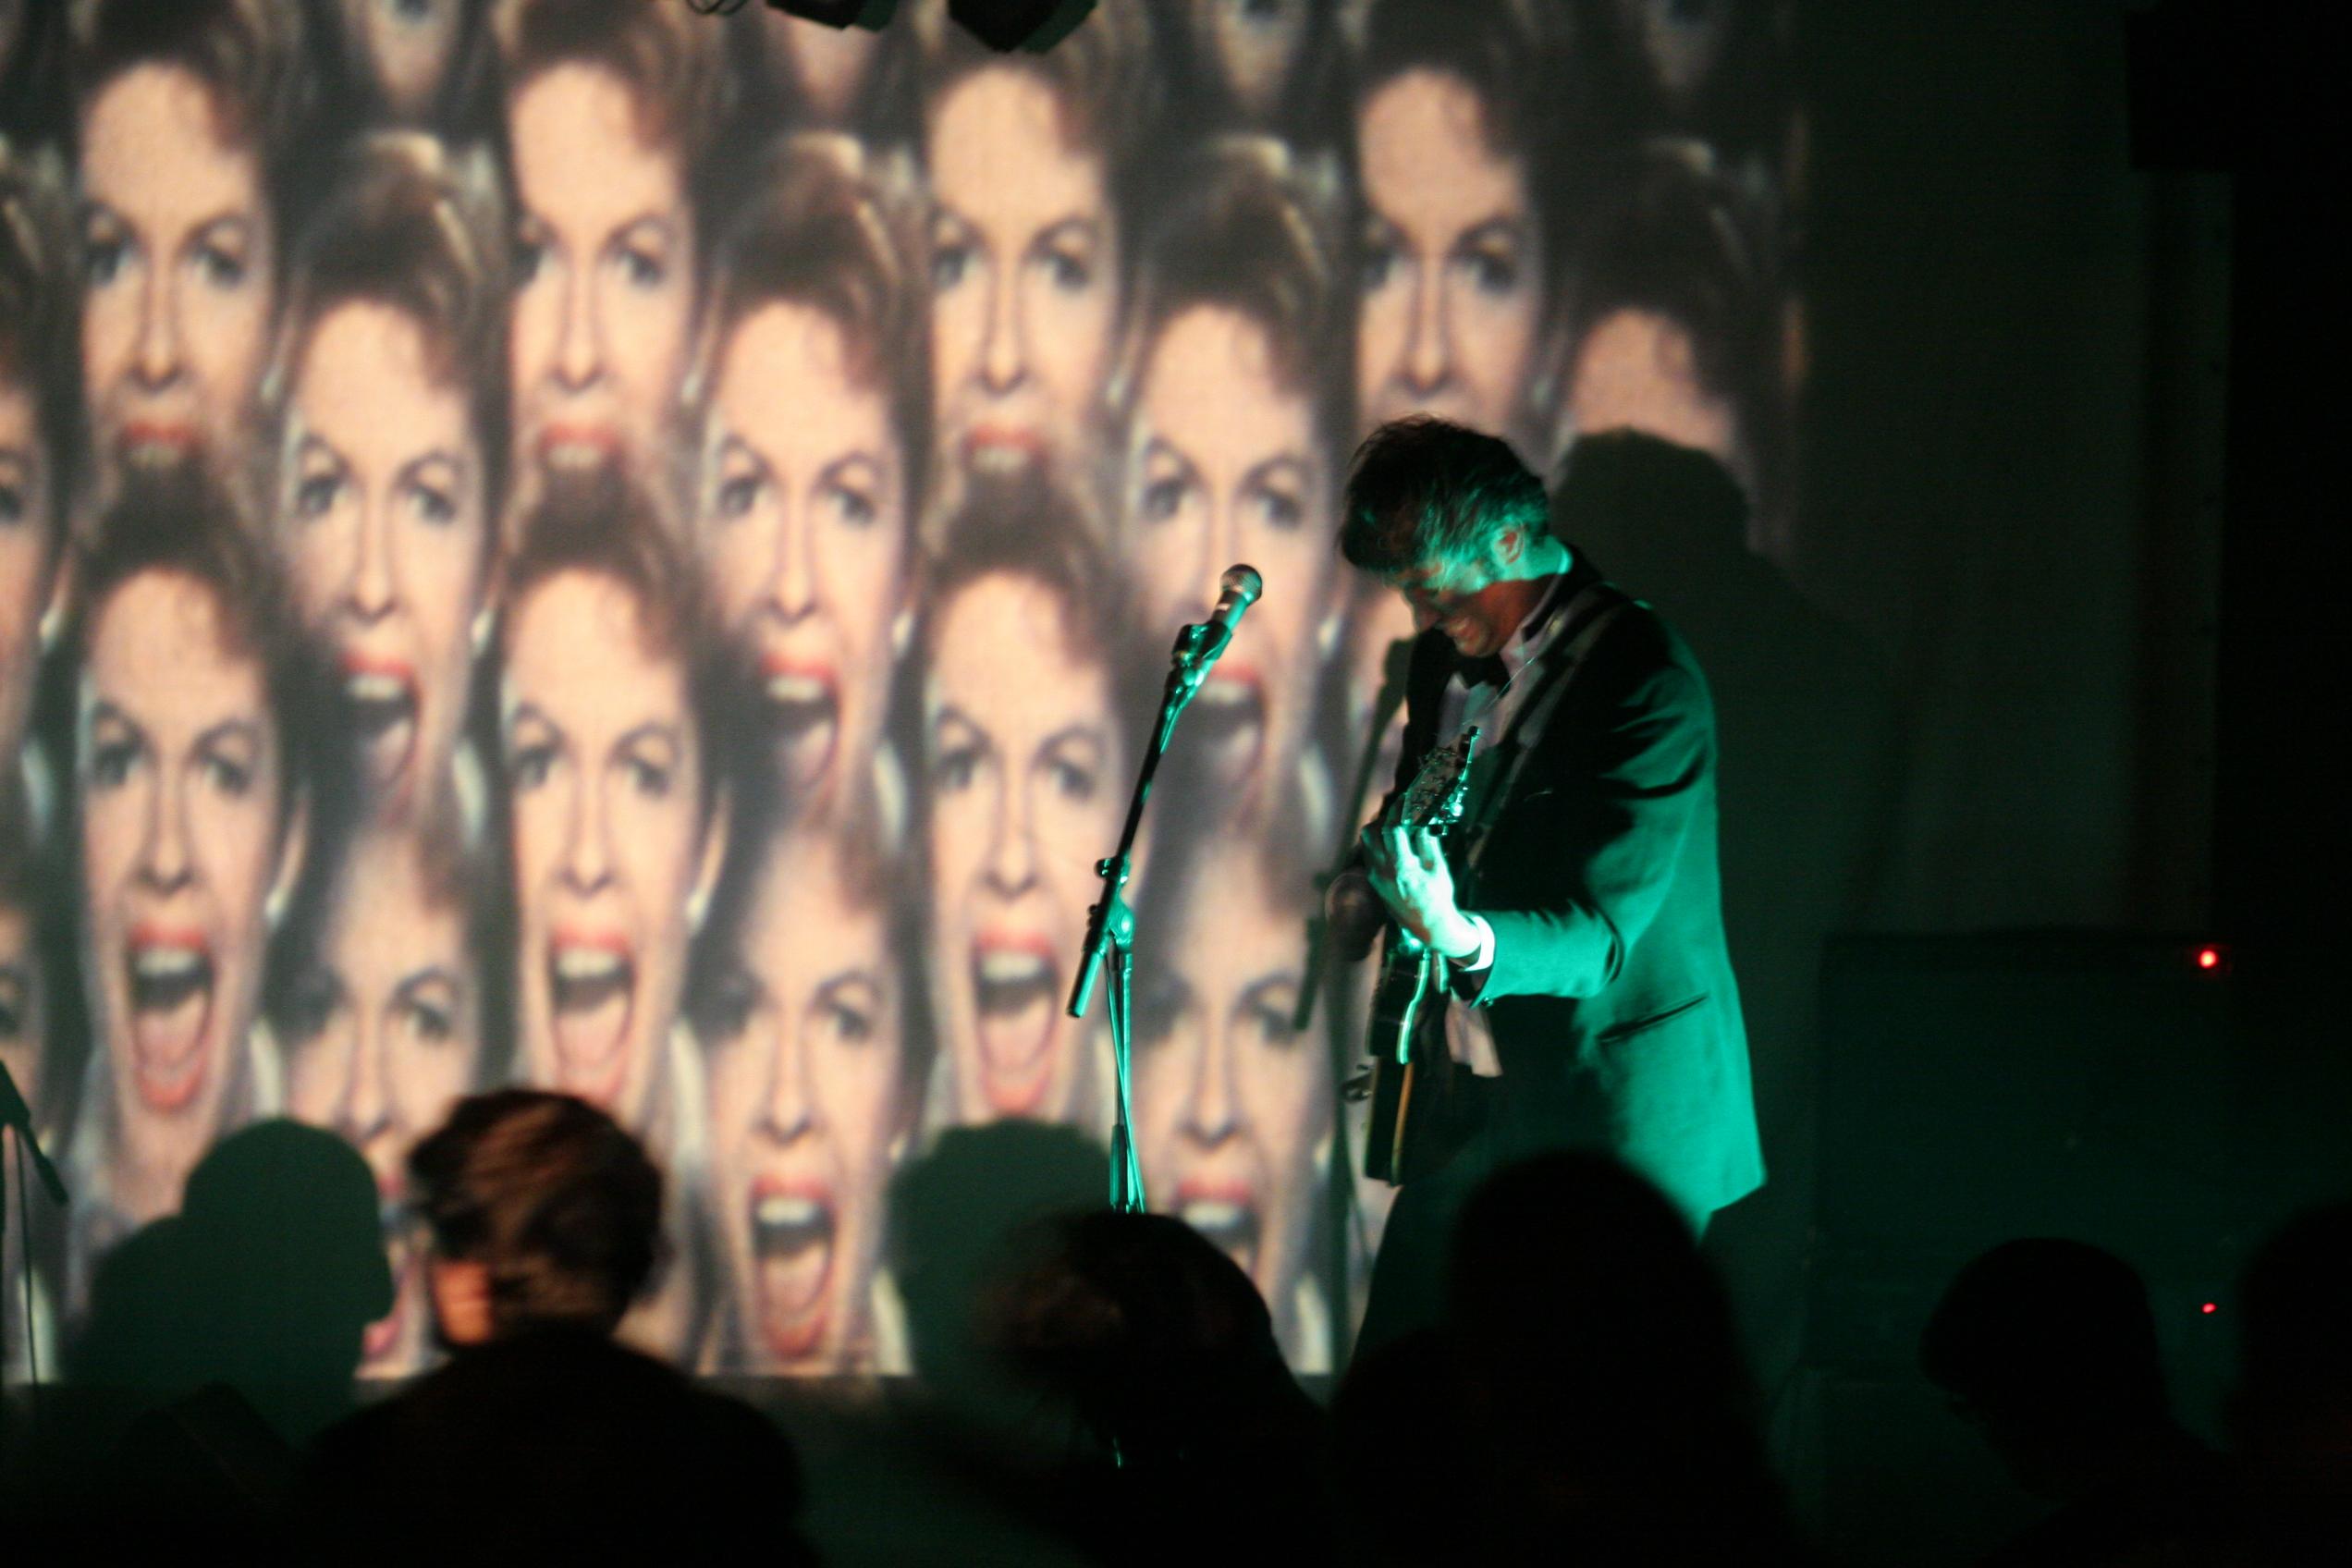 A Pau, Les Projectivers envoient l'image sur un concert des Magnétix